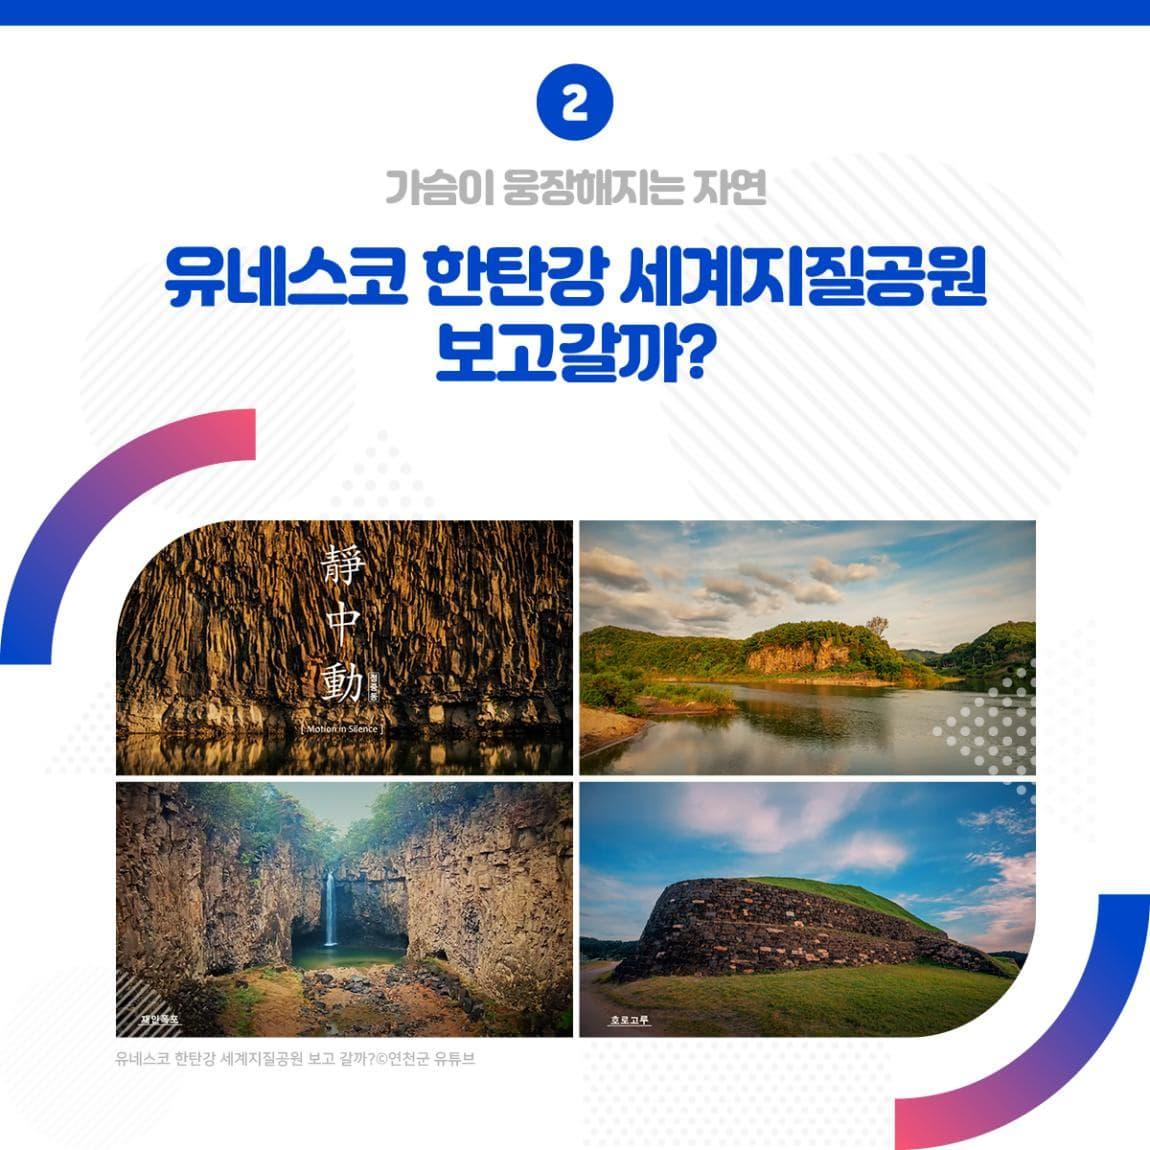 가슴이 웅장해지는 자연 <유네스코 한탄강 세계지질공원 보고 갈까?>